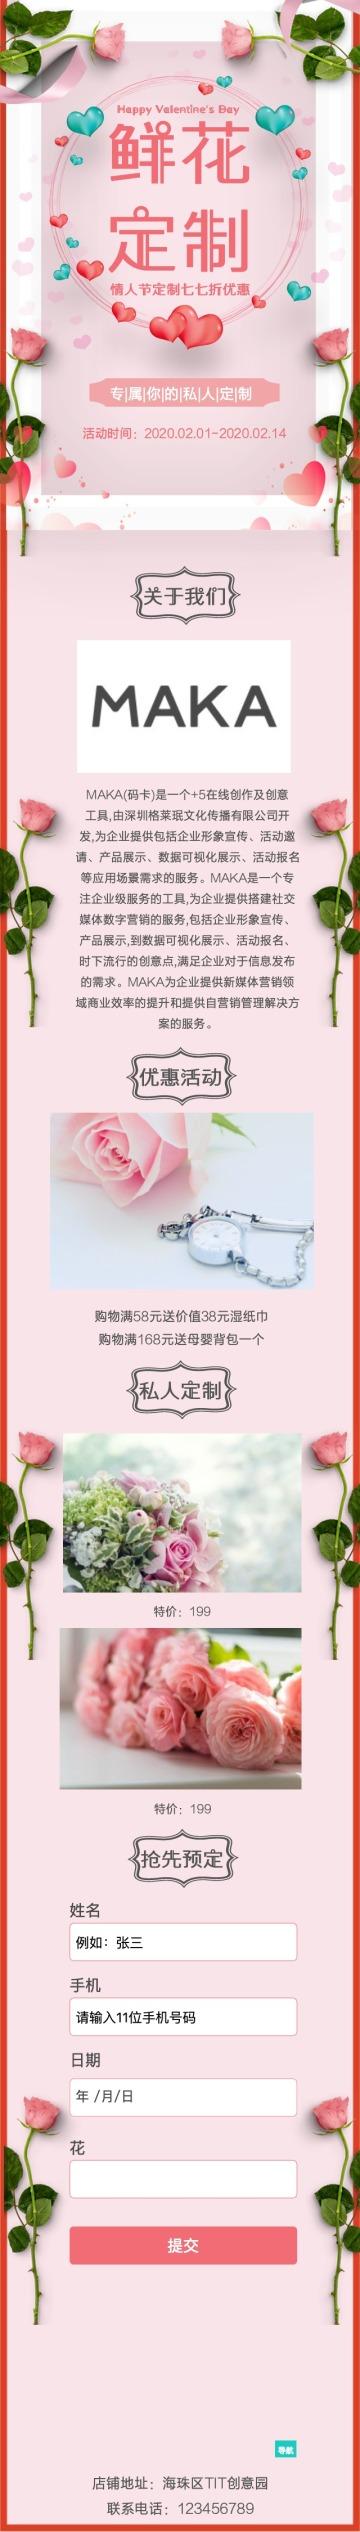 情人节唯美浪漫百货零售花店促销推广介绍单页